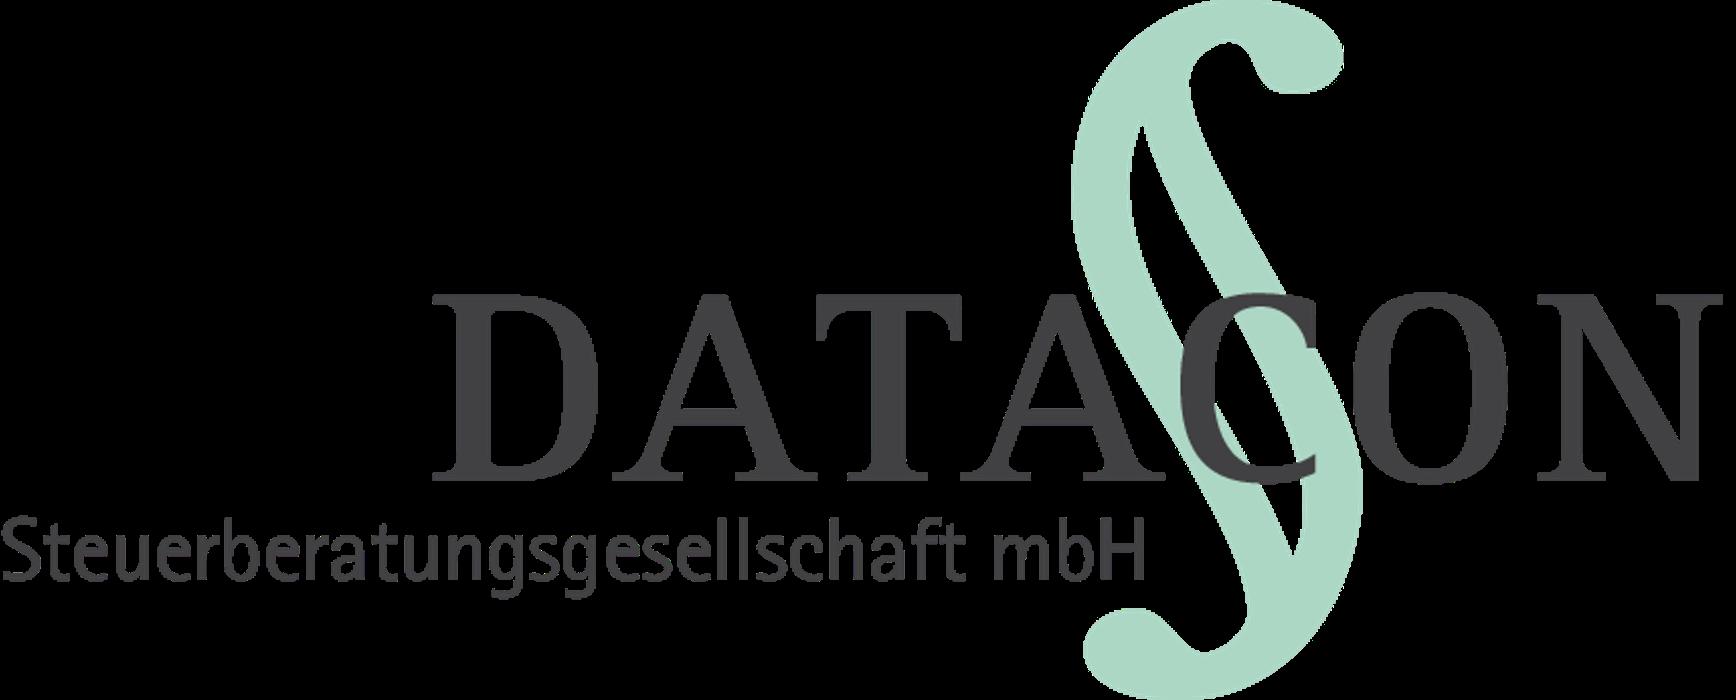 Bild zu DATACON Steuerberatungsgesellschaft mbH in Augsburg